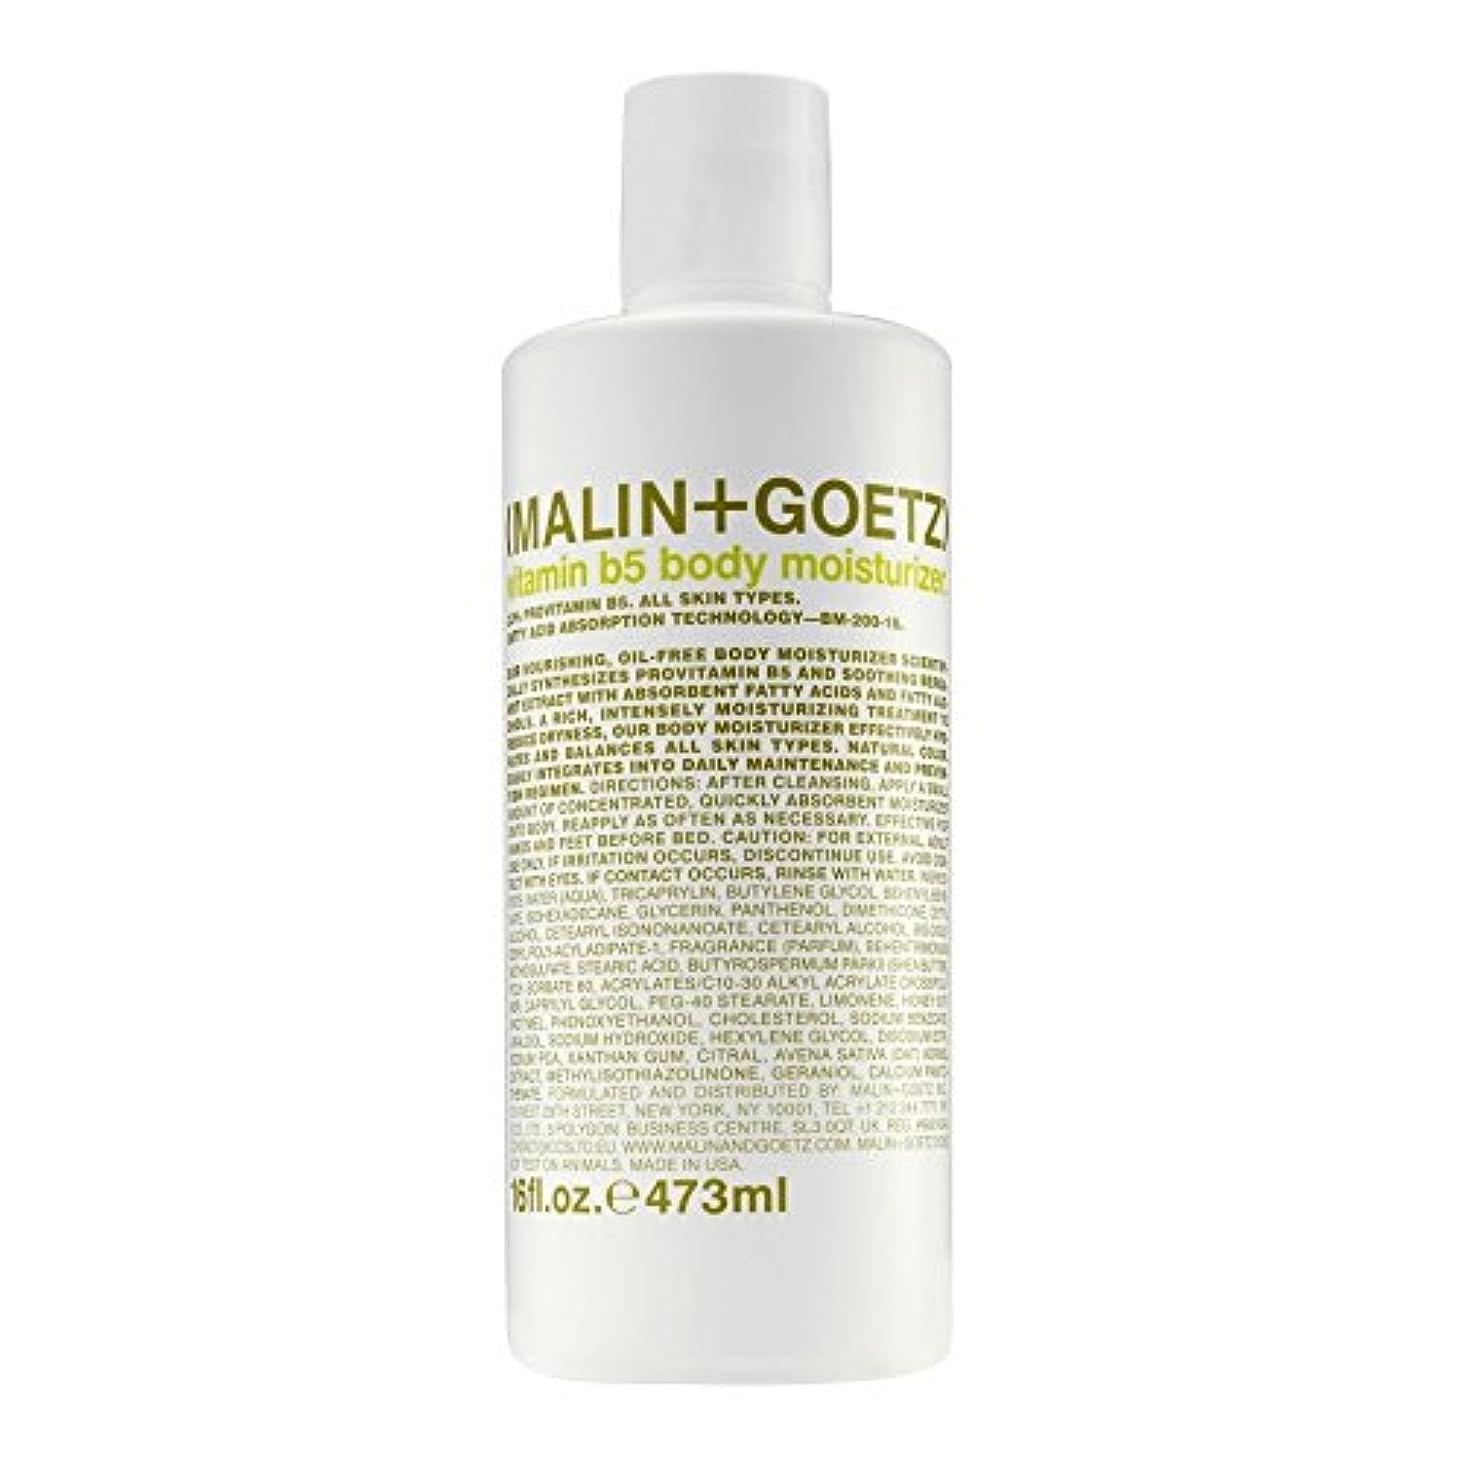 通行料金浸す理容室MALIN+GOETZ Vitamin B5 Body Moisturiser 473ml - マリン+ゲッツビタミン5ボディモイスチャライザーの473ミリリットル [並行輸入品]